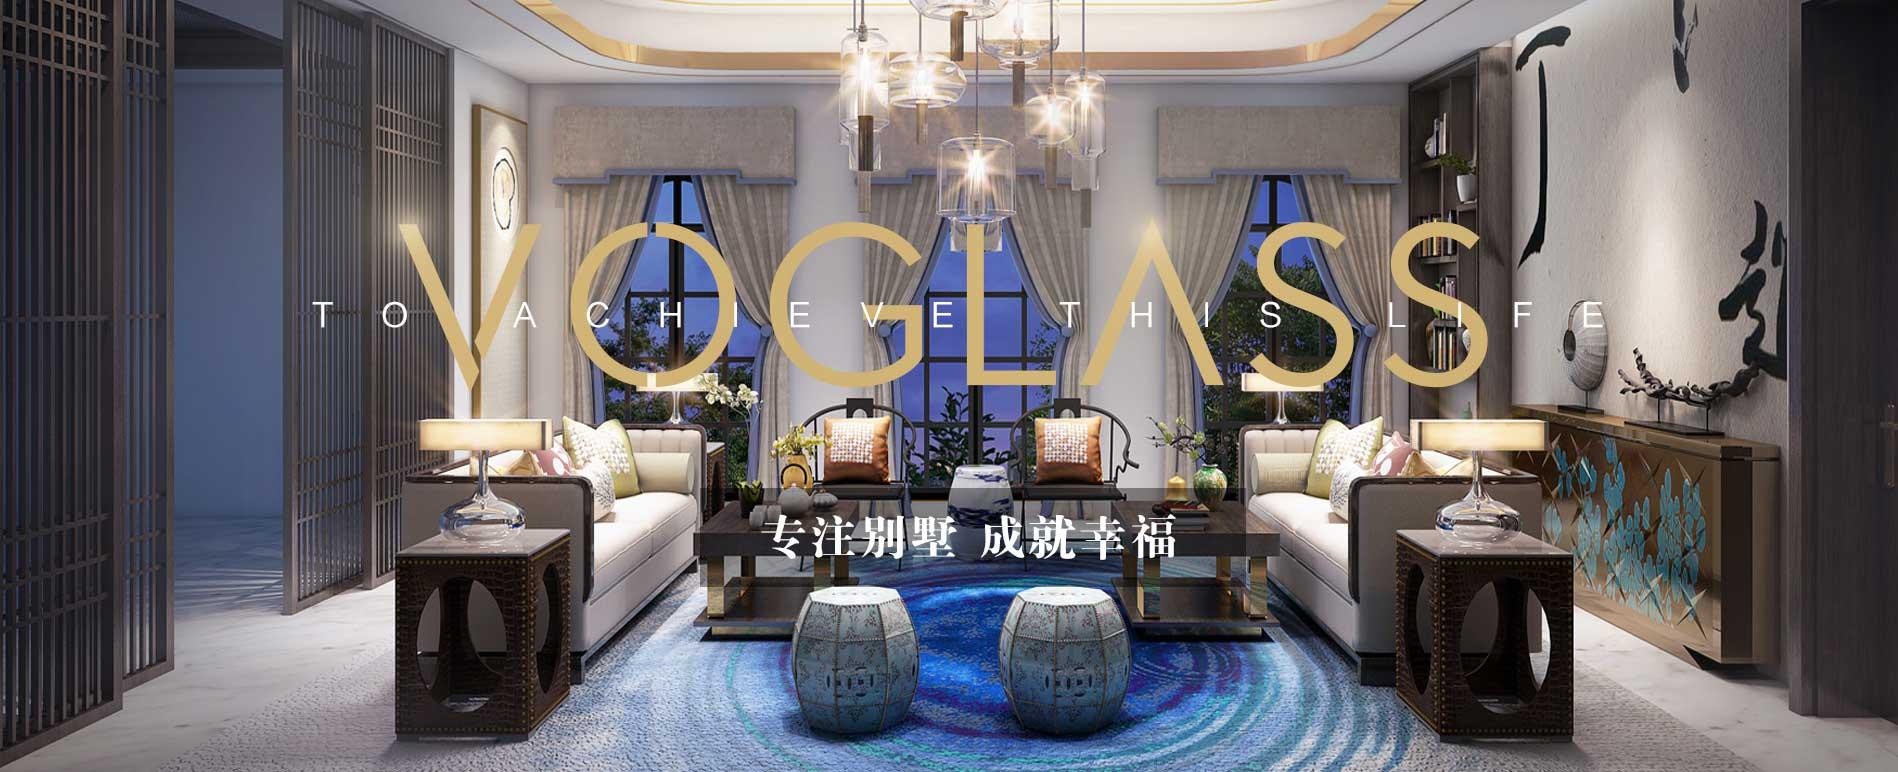 上海尚层装饰到底怎么样?